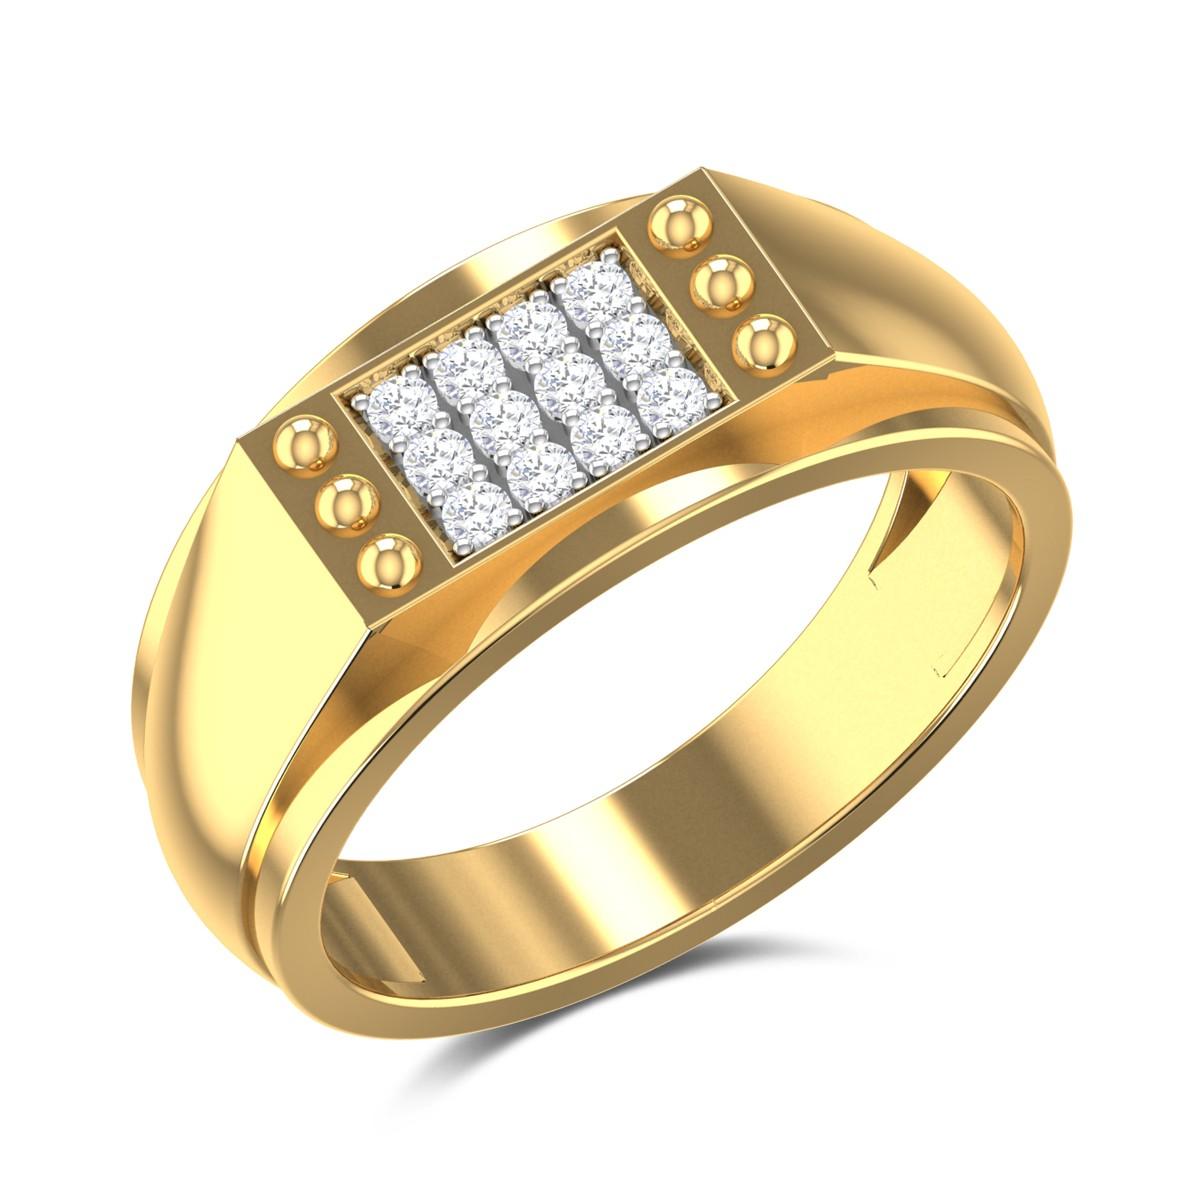 Roisina Diamond Ring